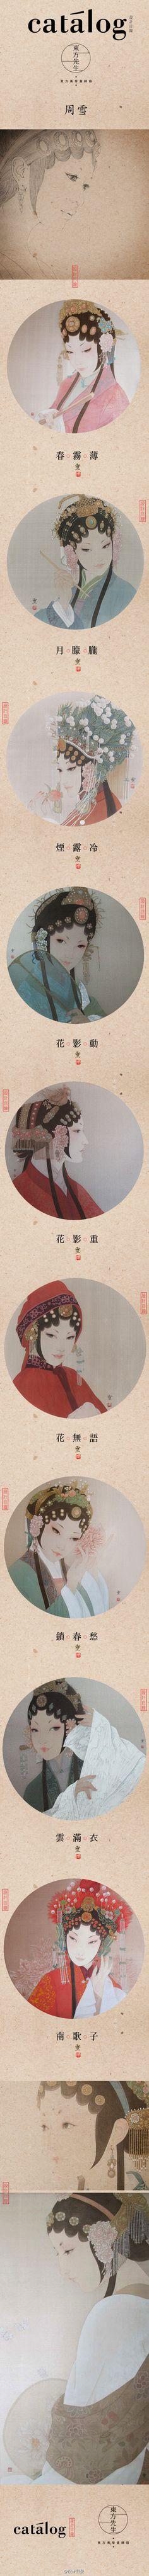 東方美學畫師錄 ● 周雪 | 代表作品工筆畫美人系列。設計目錄將陸續介紹那些極具東方美學畫師的作品,或许能震撼到你的内心深处。@周雪cher